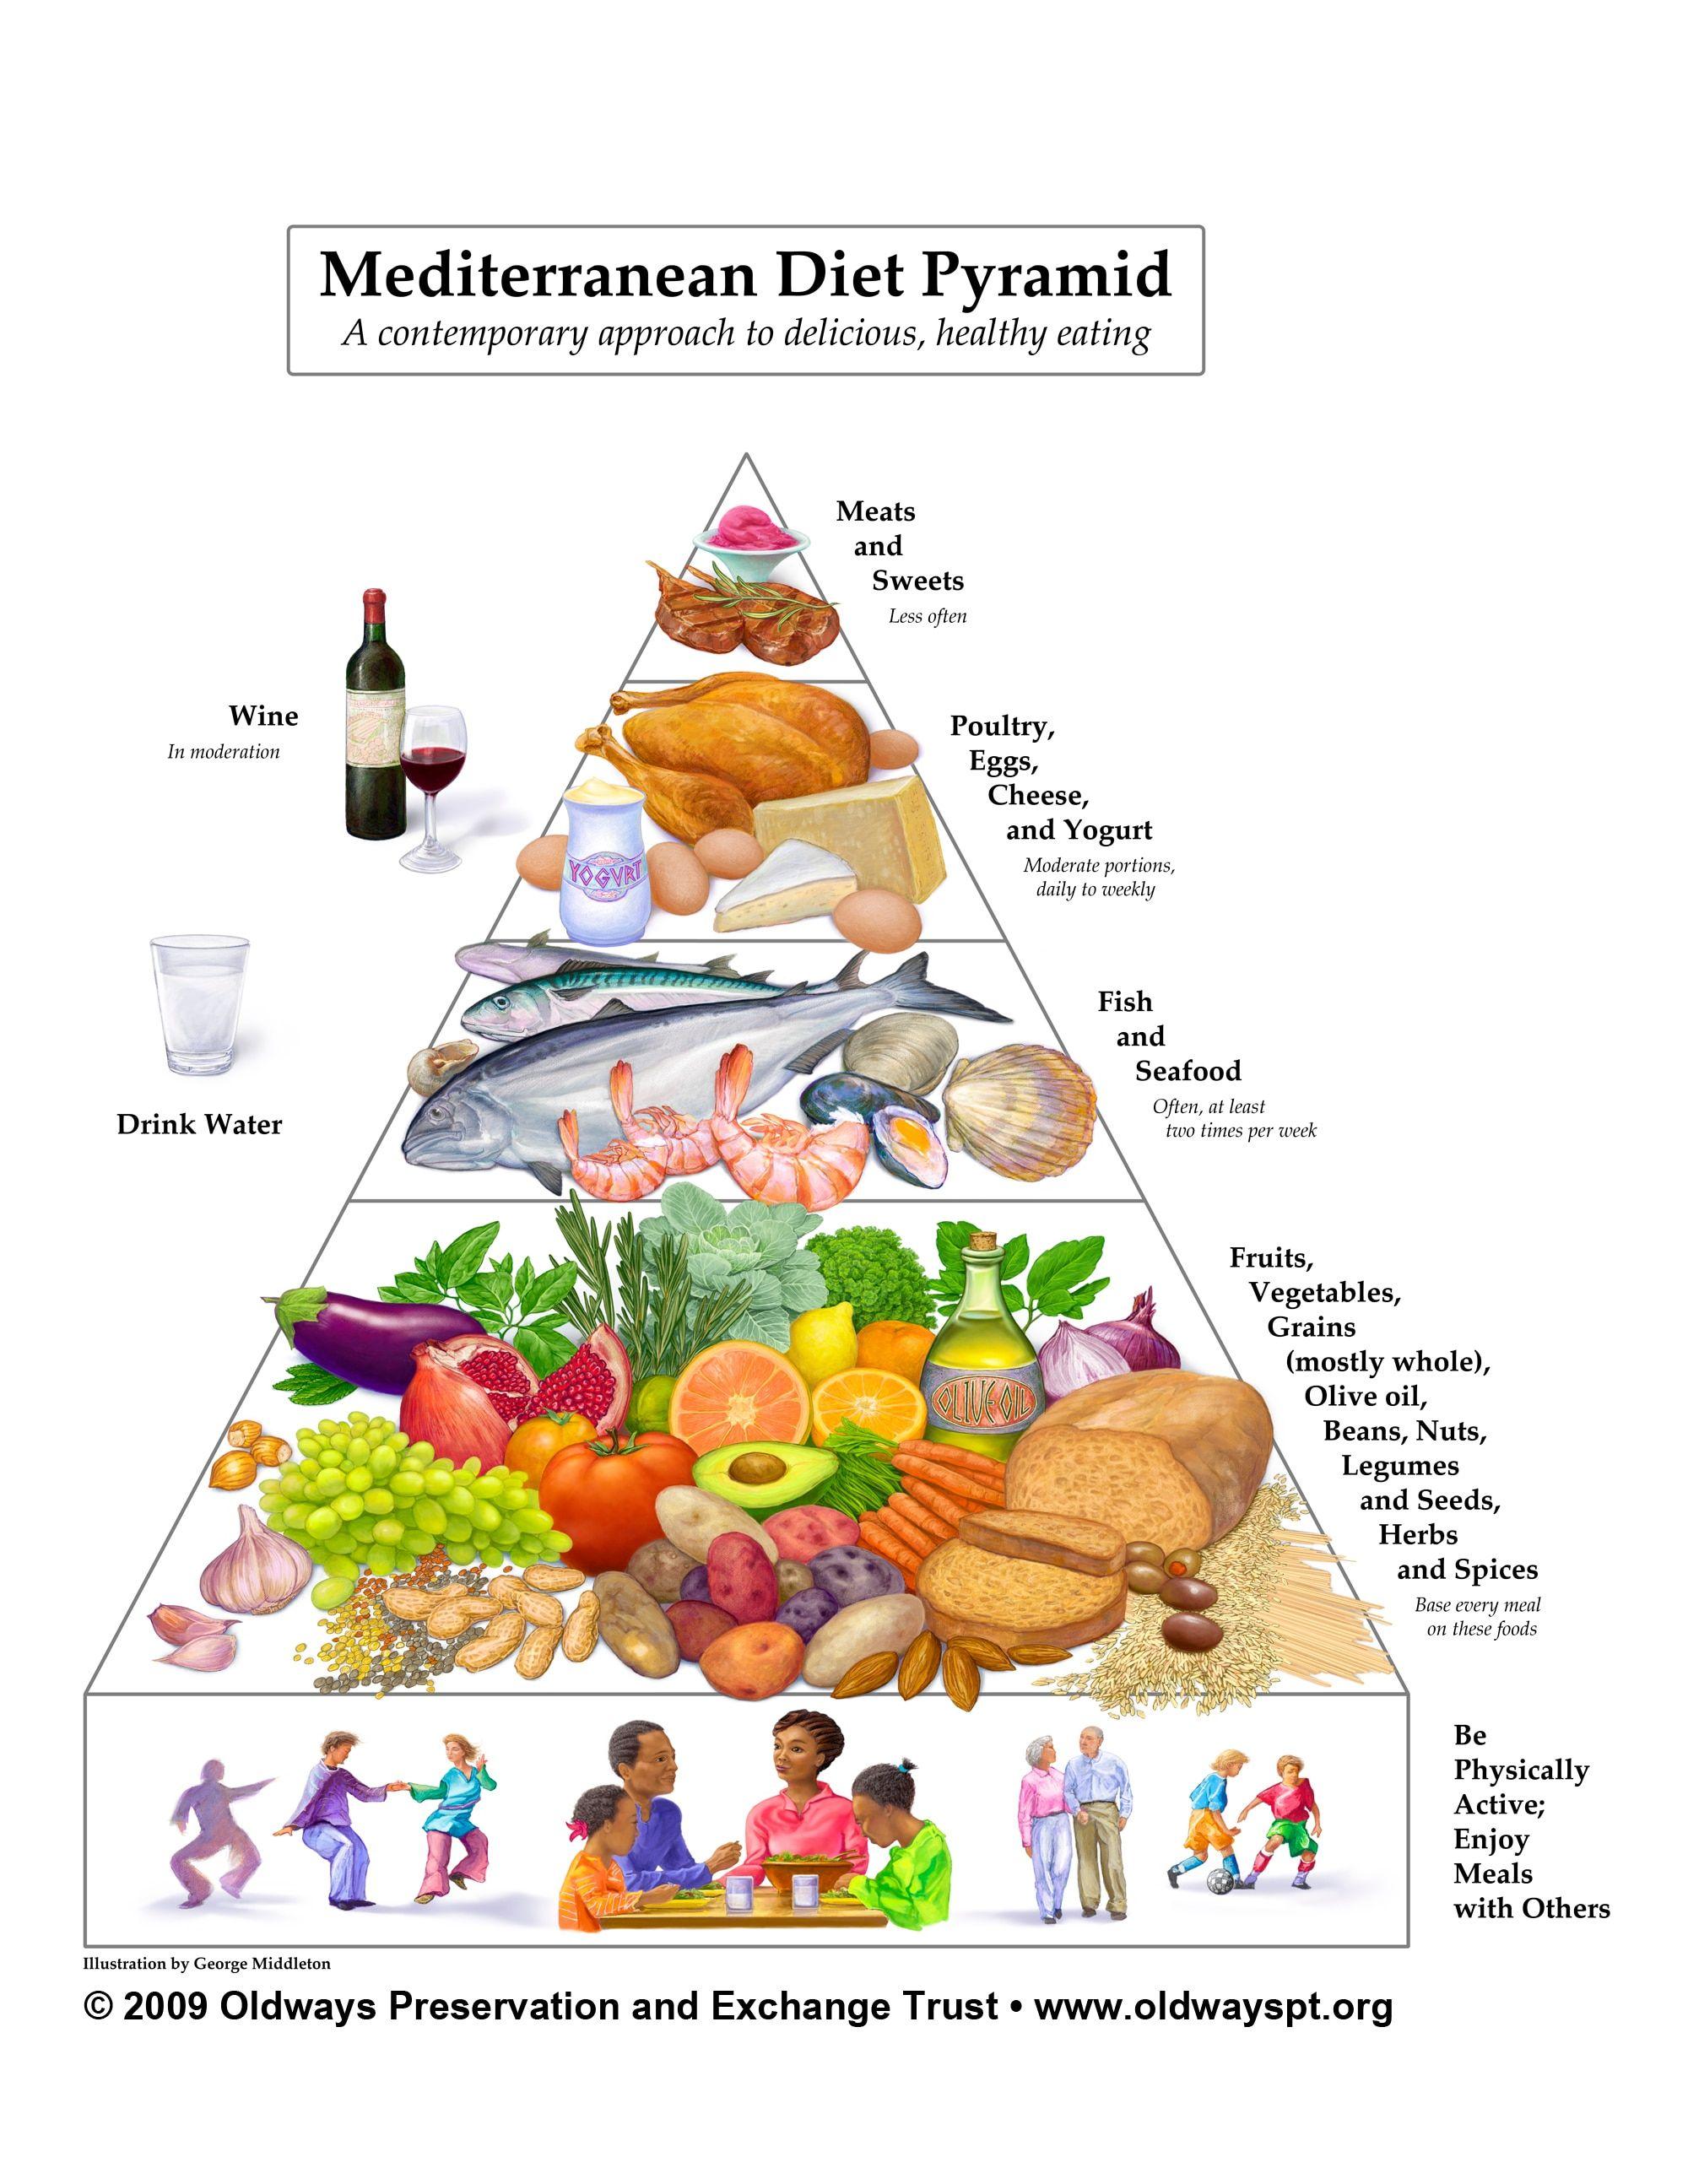 Mediterranean Diet For Heart Health Mayo Clinic Mediterranean Diet Pyramid Mediterranean Diet Plan Mediterranean Diet